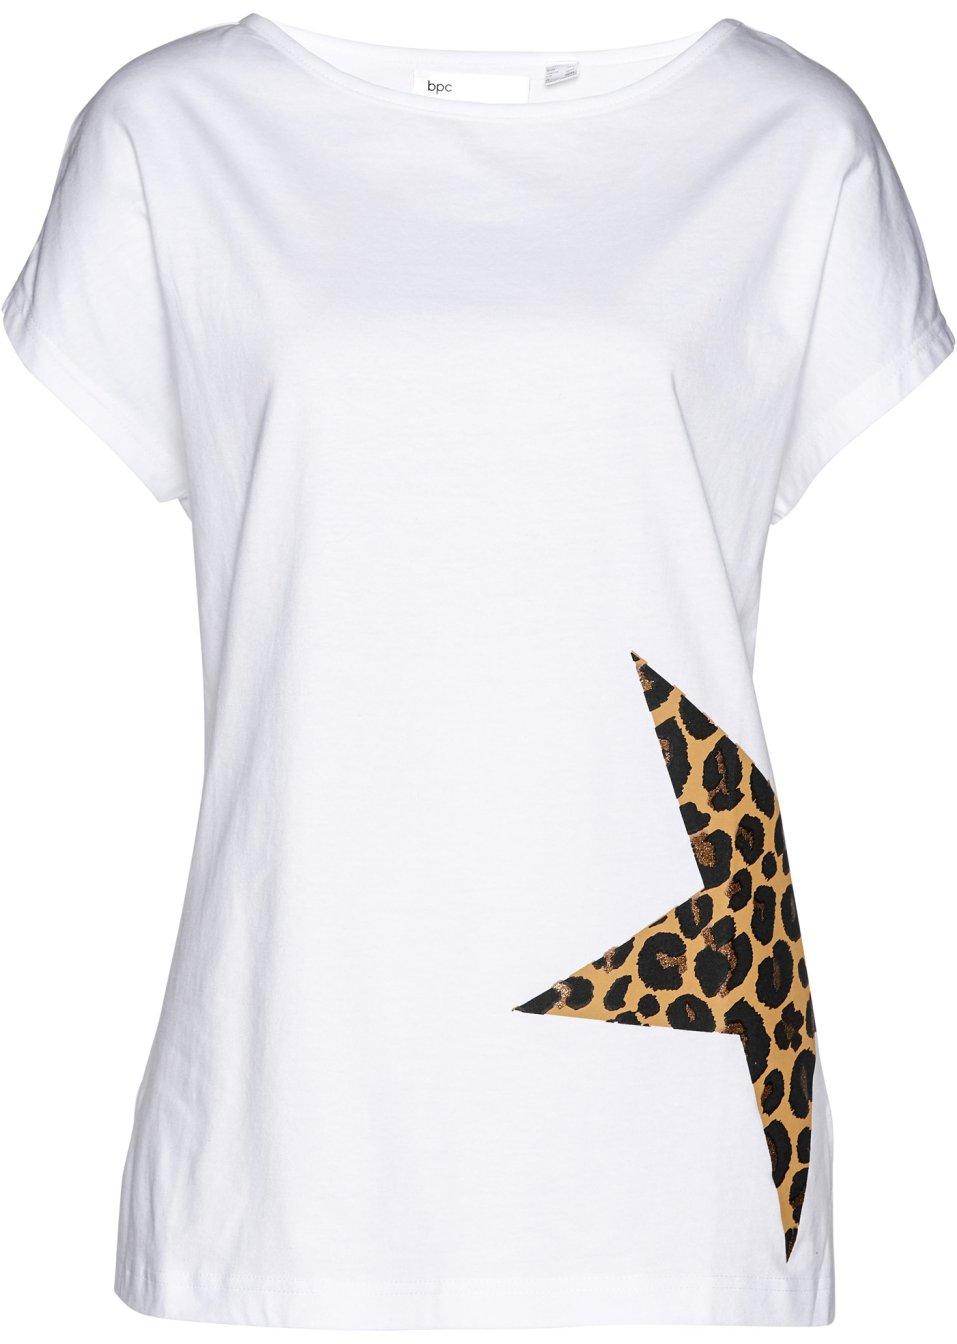 Shirt weiß bedruckt - bpc selection online bestellen - bonprix.de Z7sEf s46u5